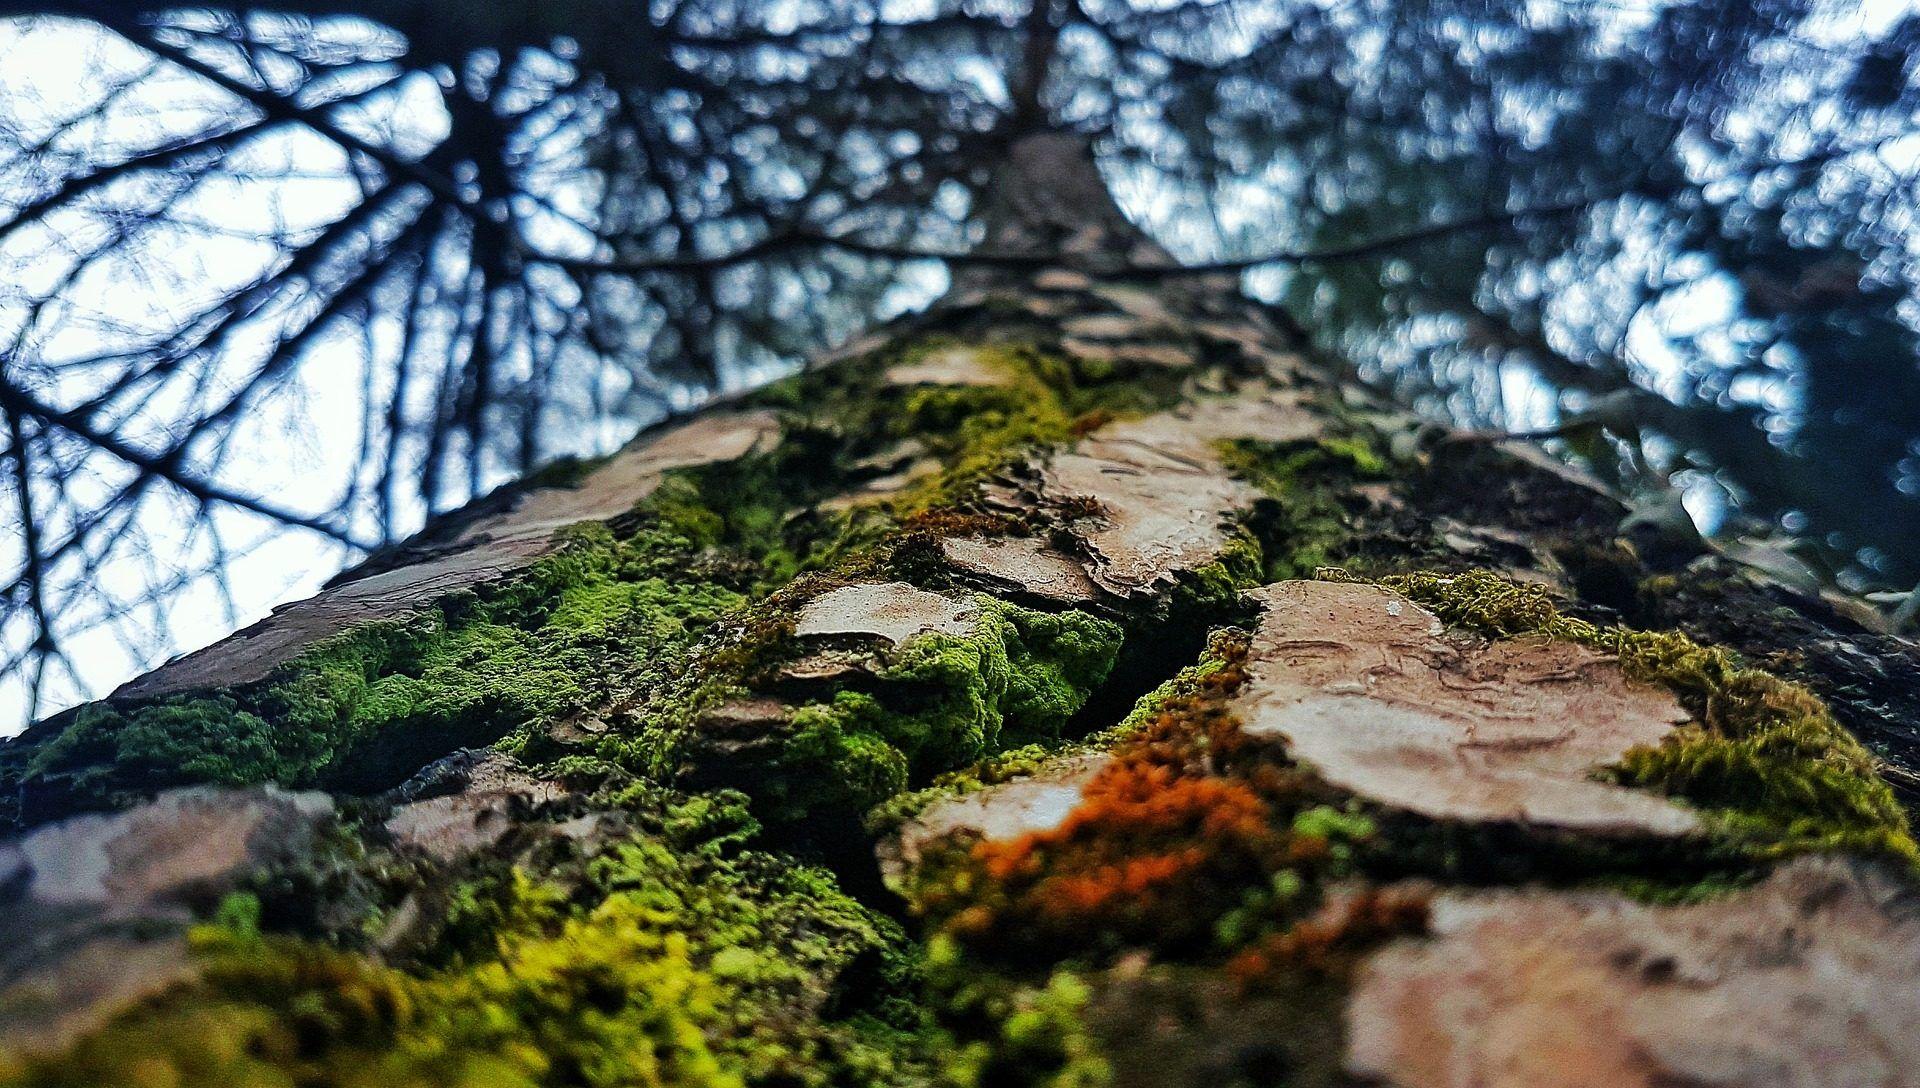 tronco, árbol, corcho, moho, liquen, ramas, musgo, 1704151037